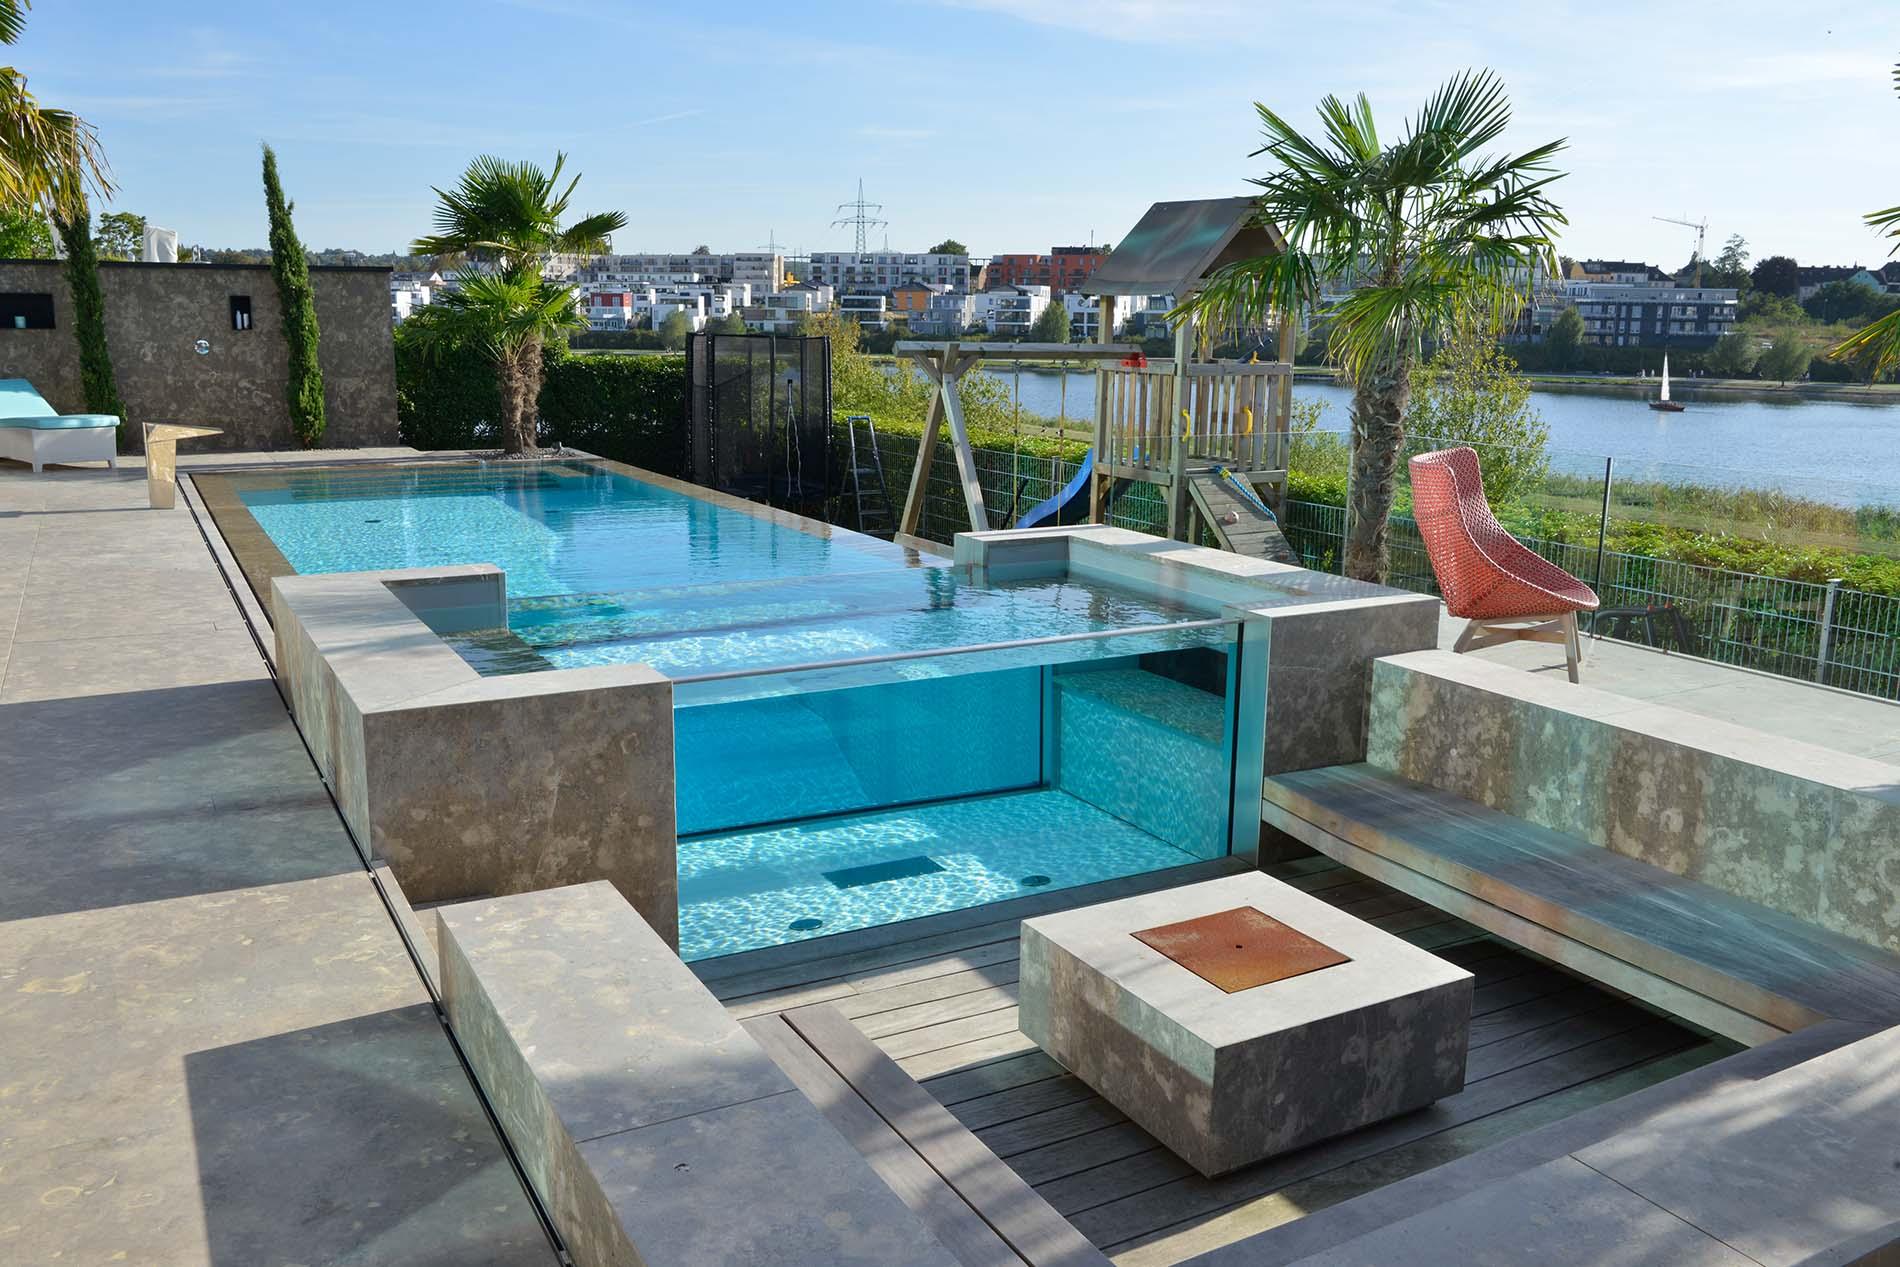 Villa mit Naturstein Pool, Terrassenplatten, Feuerstelle und einer Wandverkleidung aus Limes Dolomit®